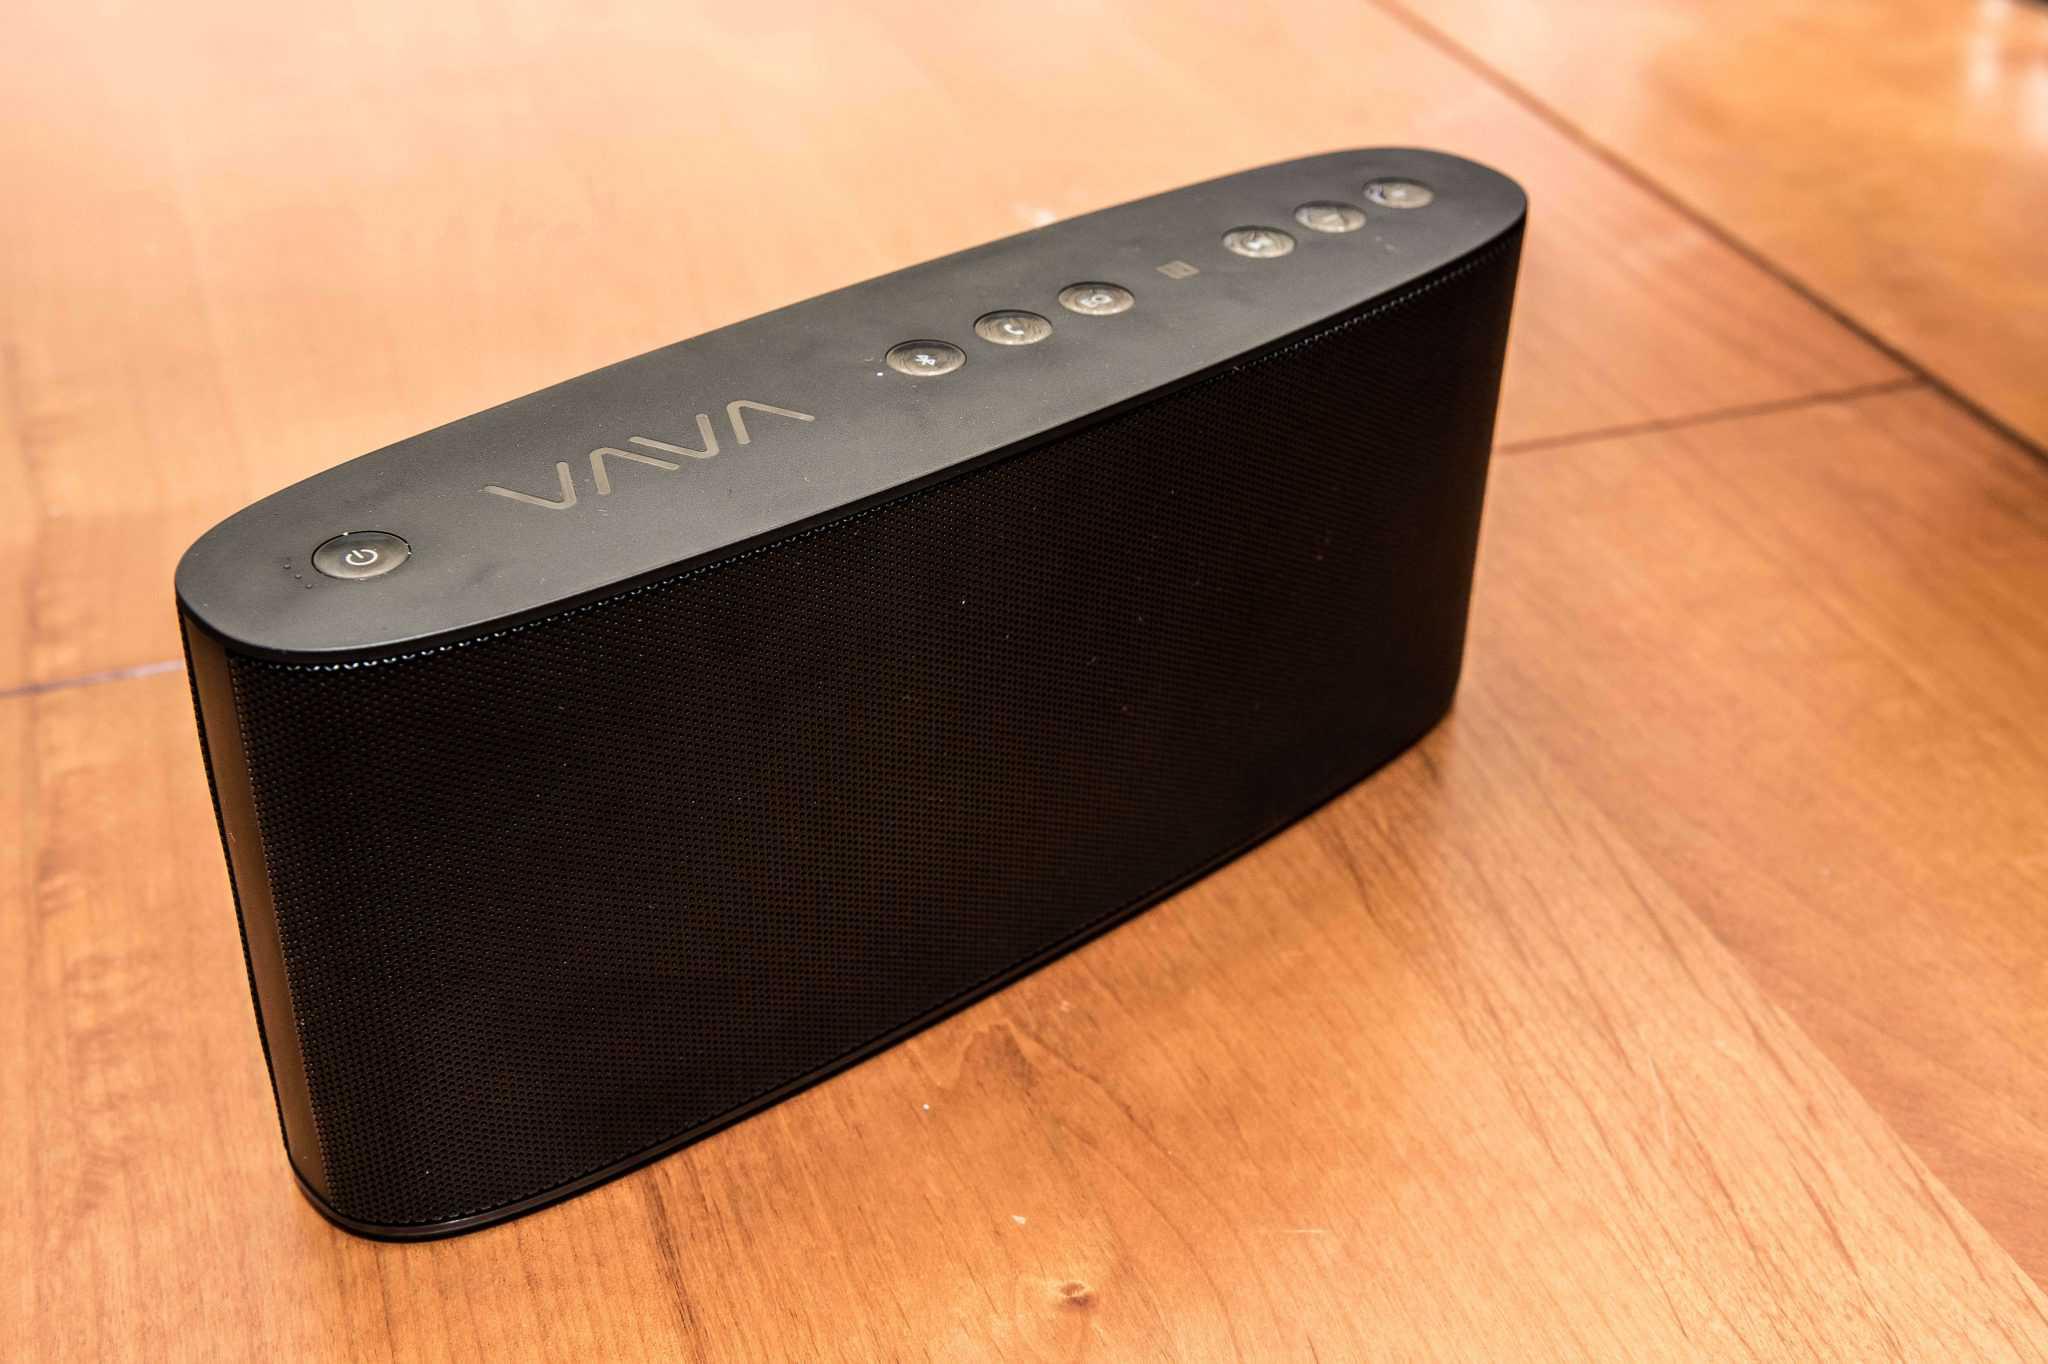 VAVA Voom 21 開箱評測 - 推薦高質感高CP值藍牙喇叭-TechTeller (科技說)